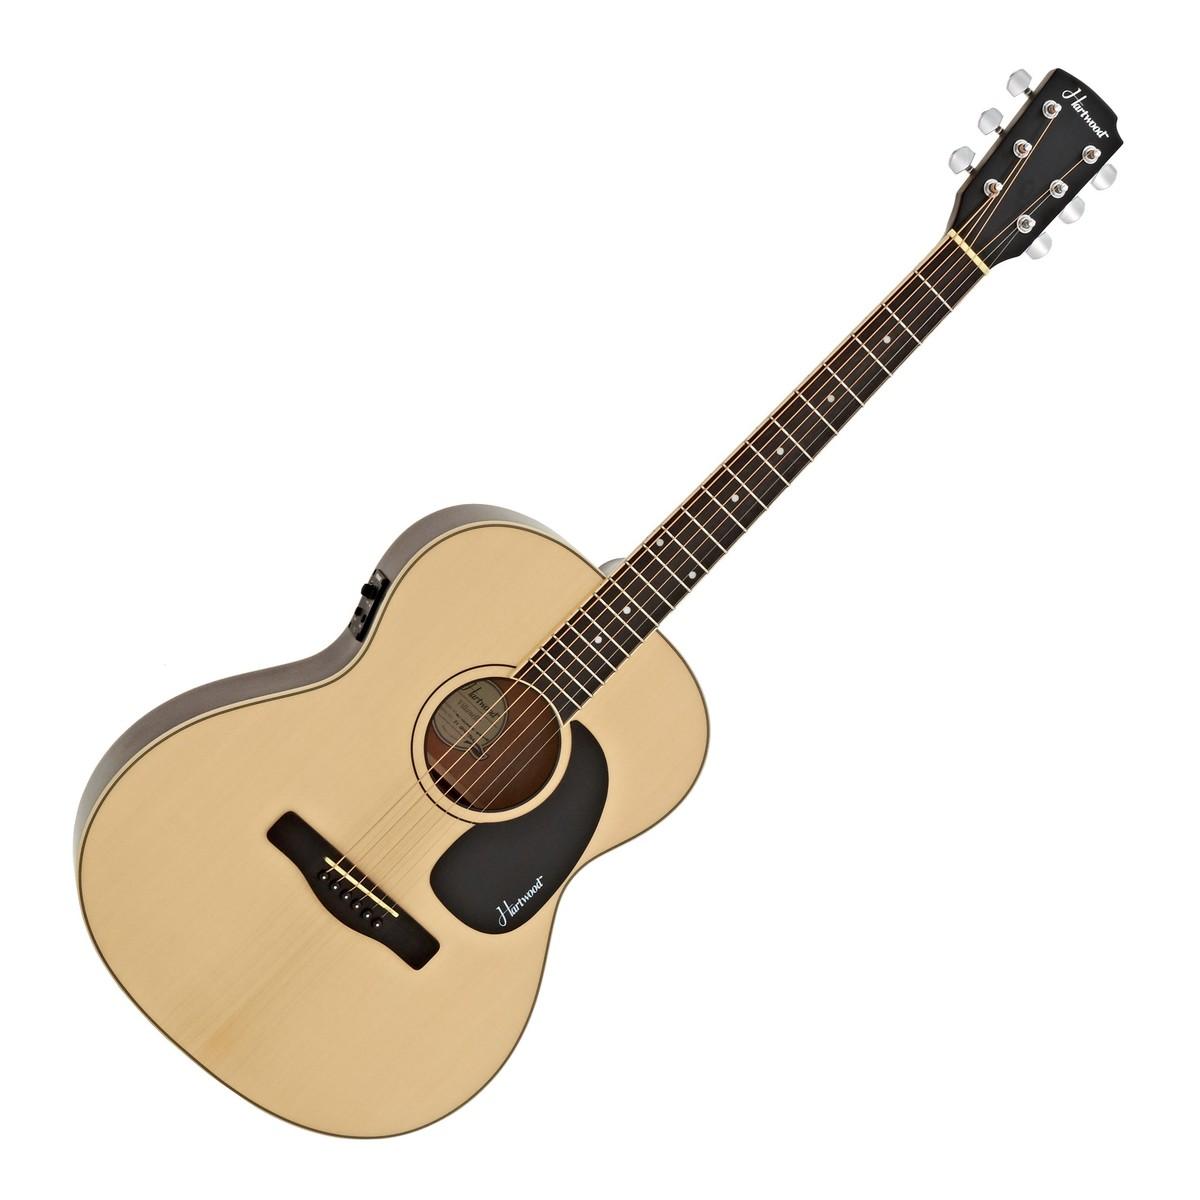 Hartwood Villanelle Grand Auditorium Electro Acoustic Guitar